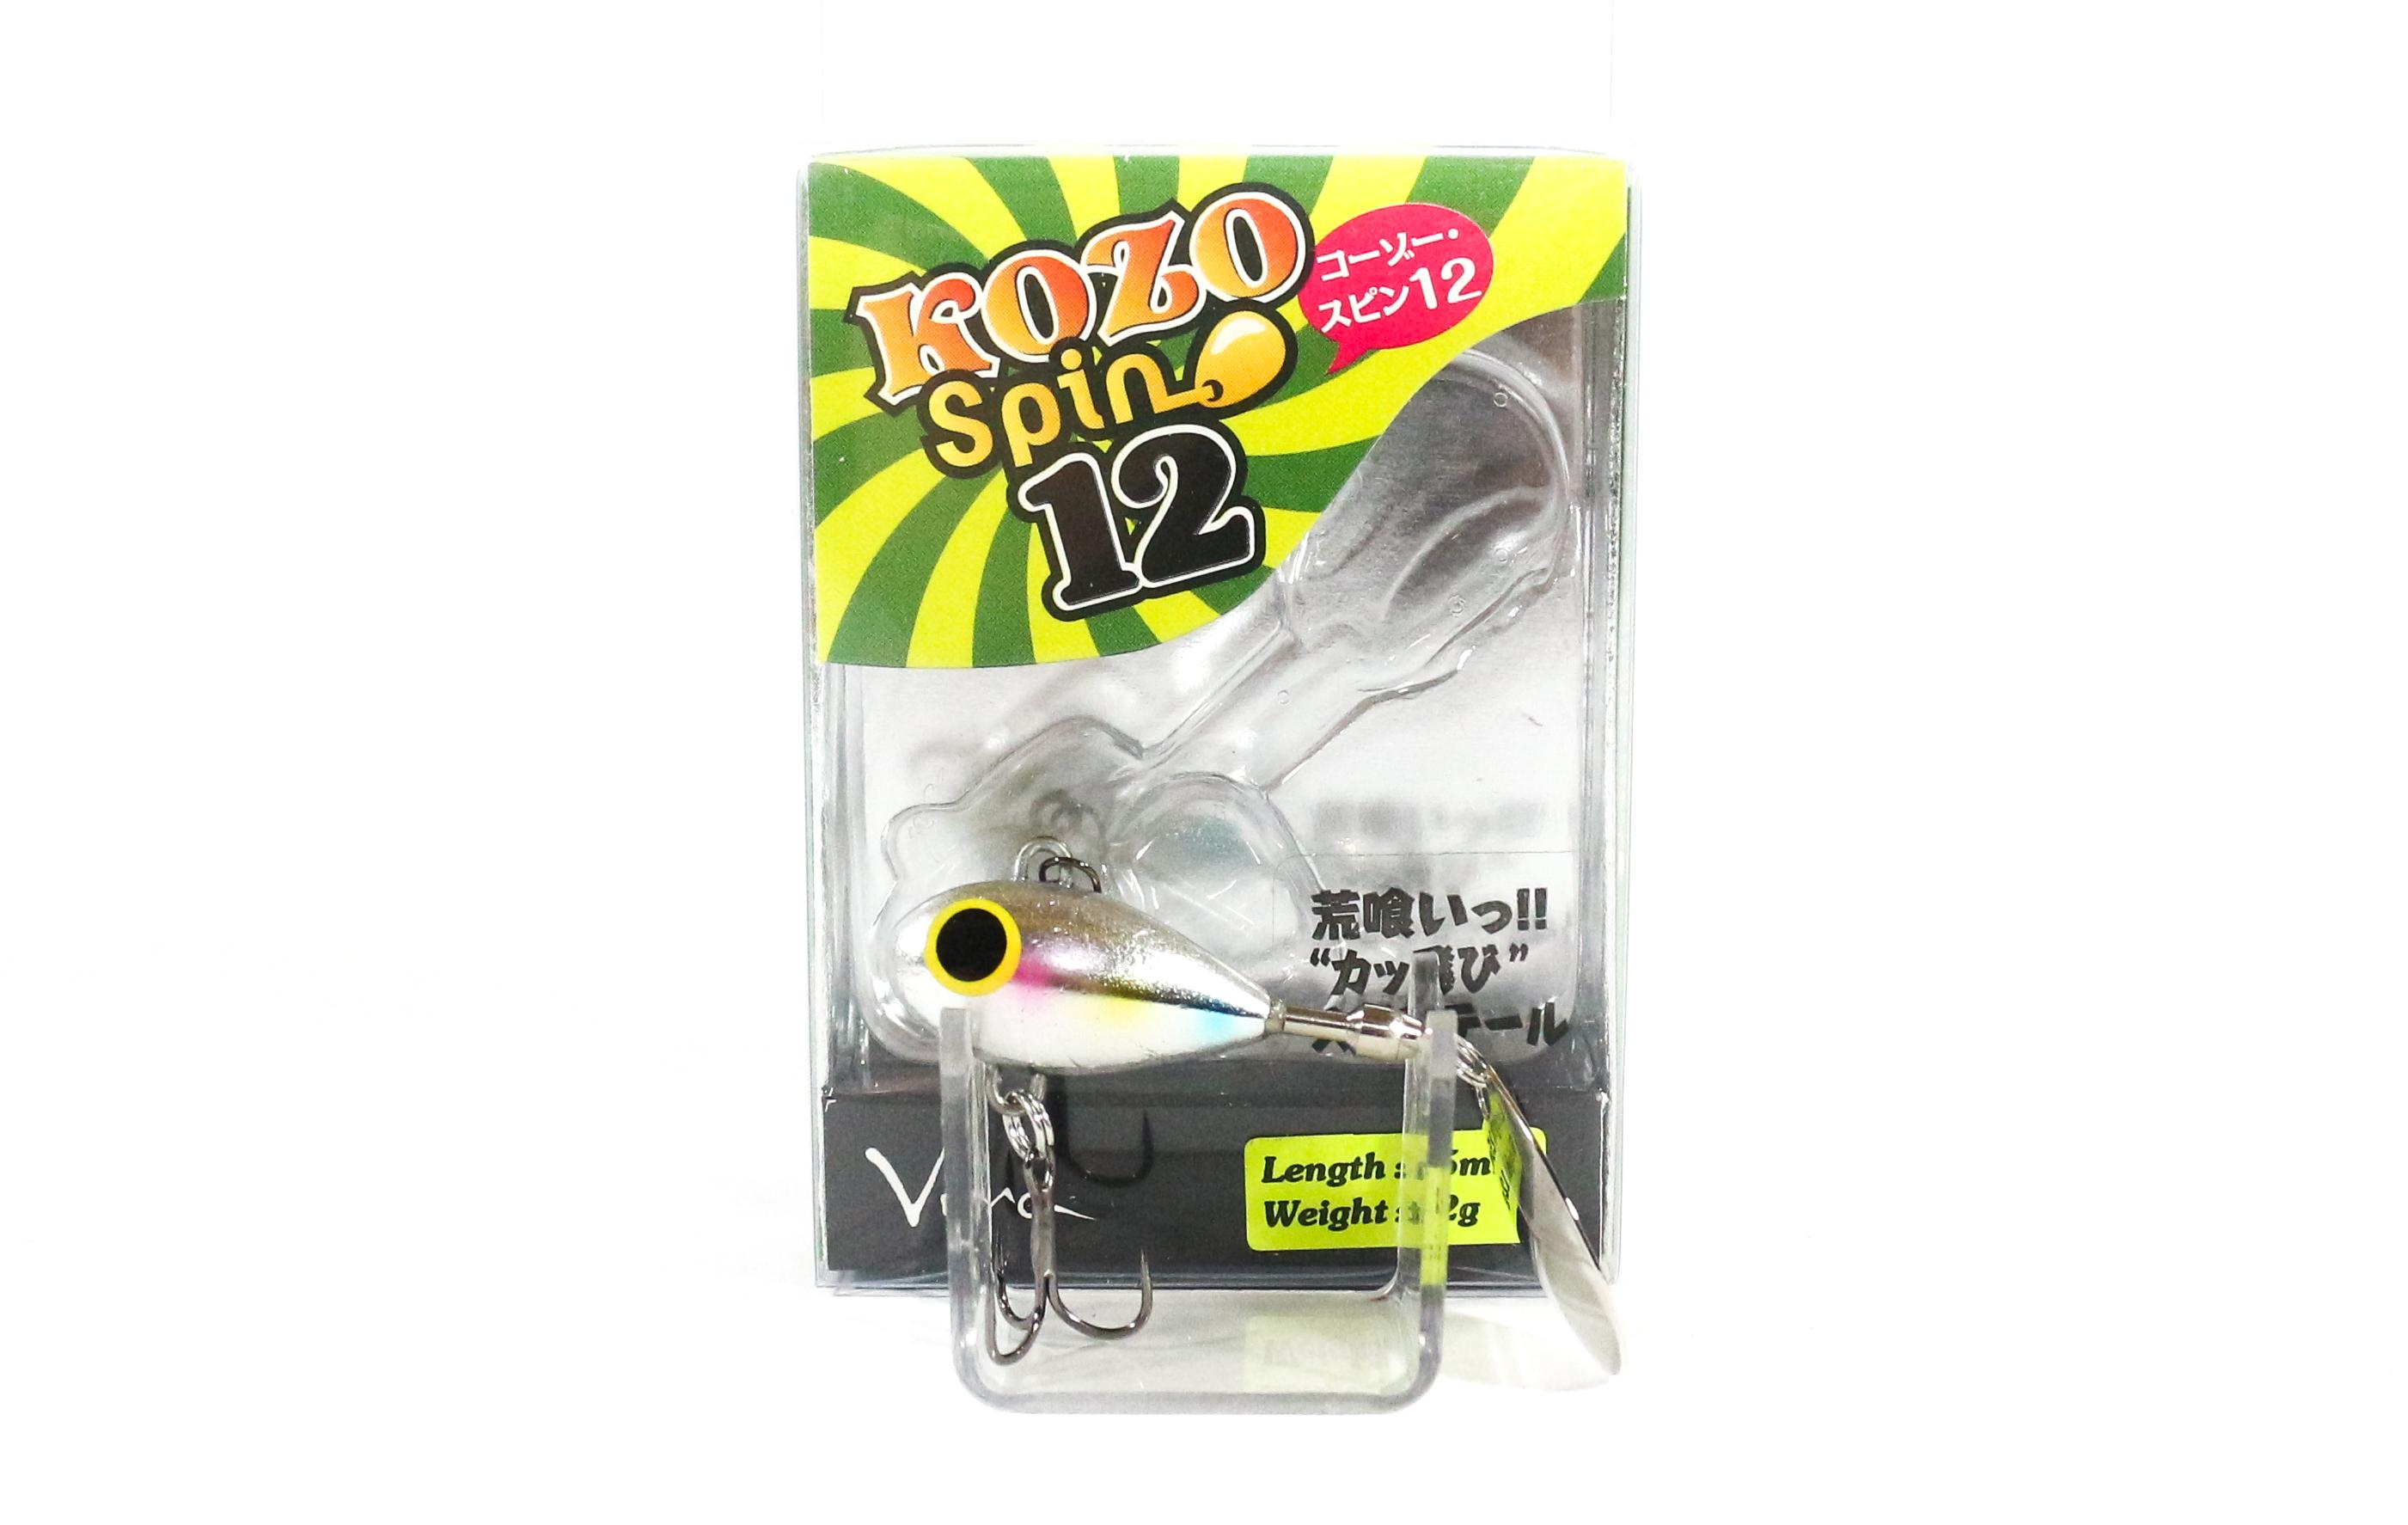 Viva Kozo Spin 12 grams Spinner Bait Lure 185 (2273)